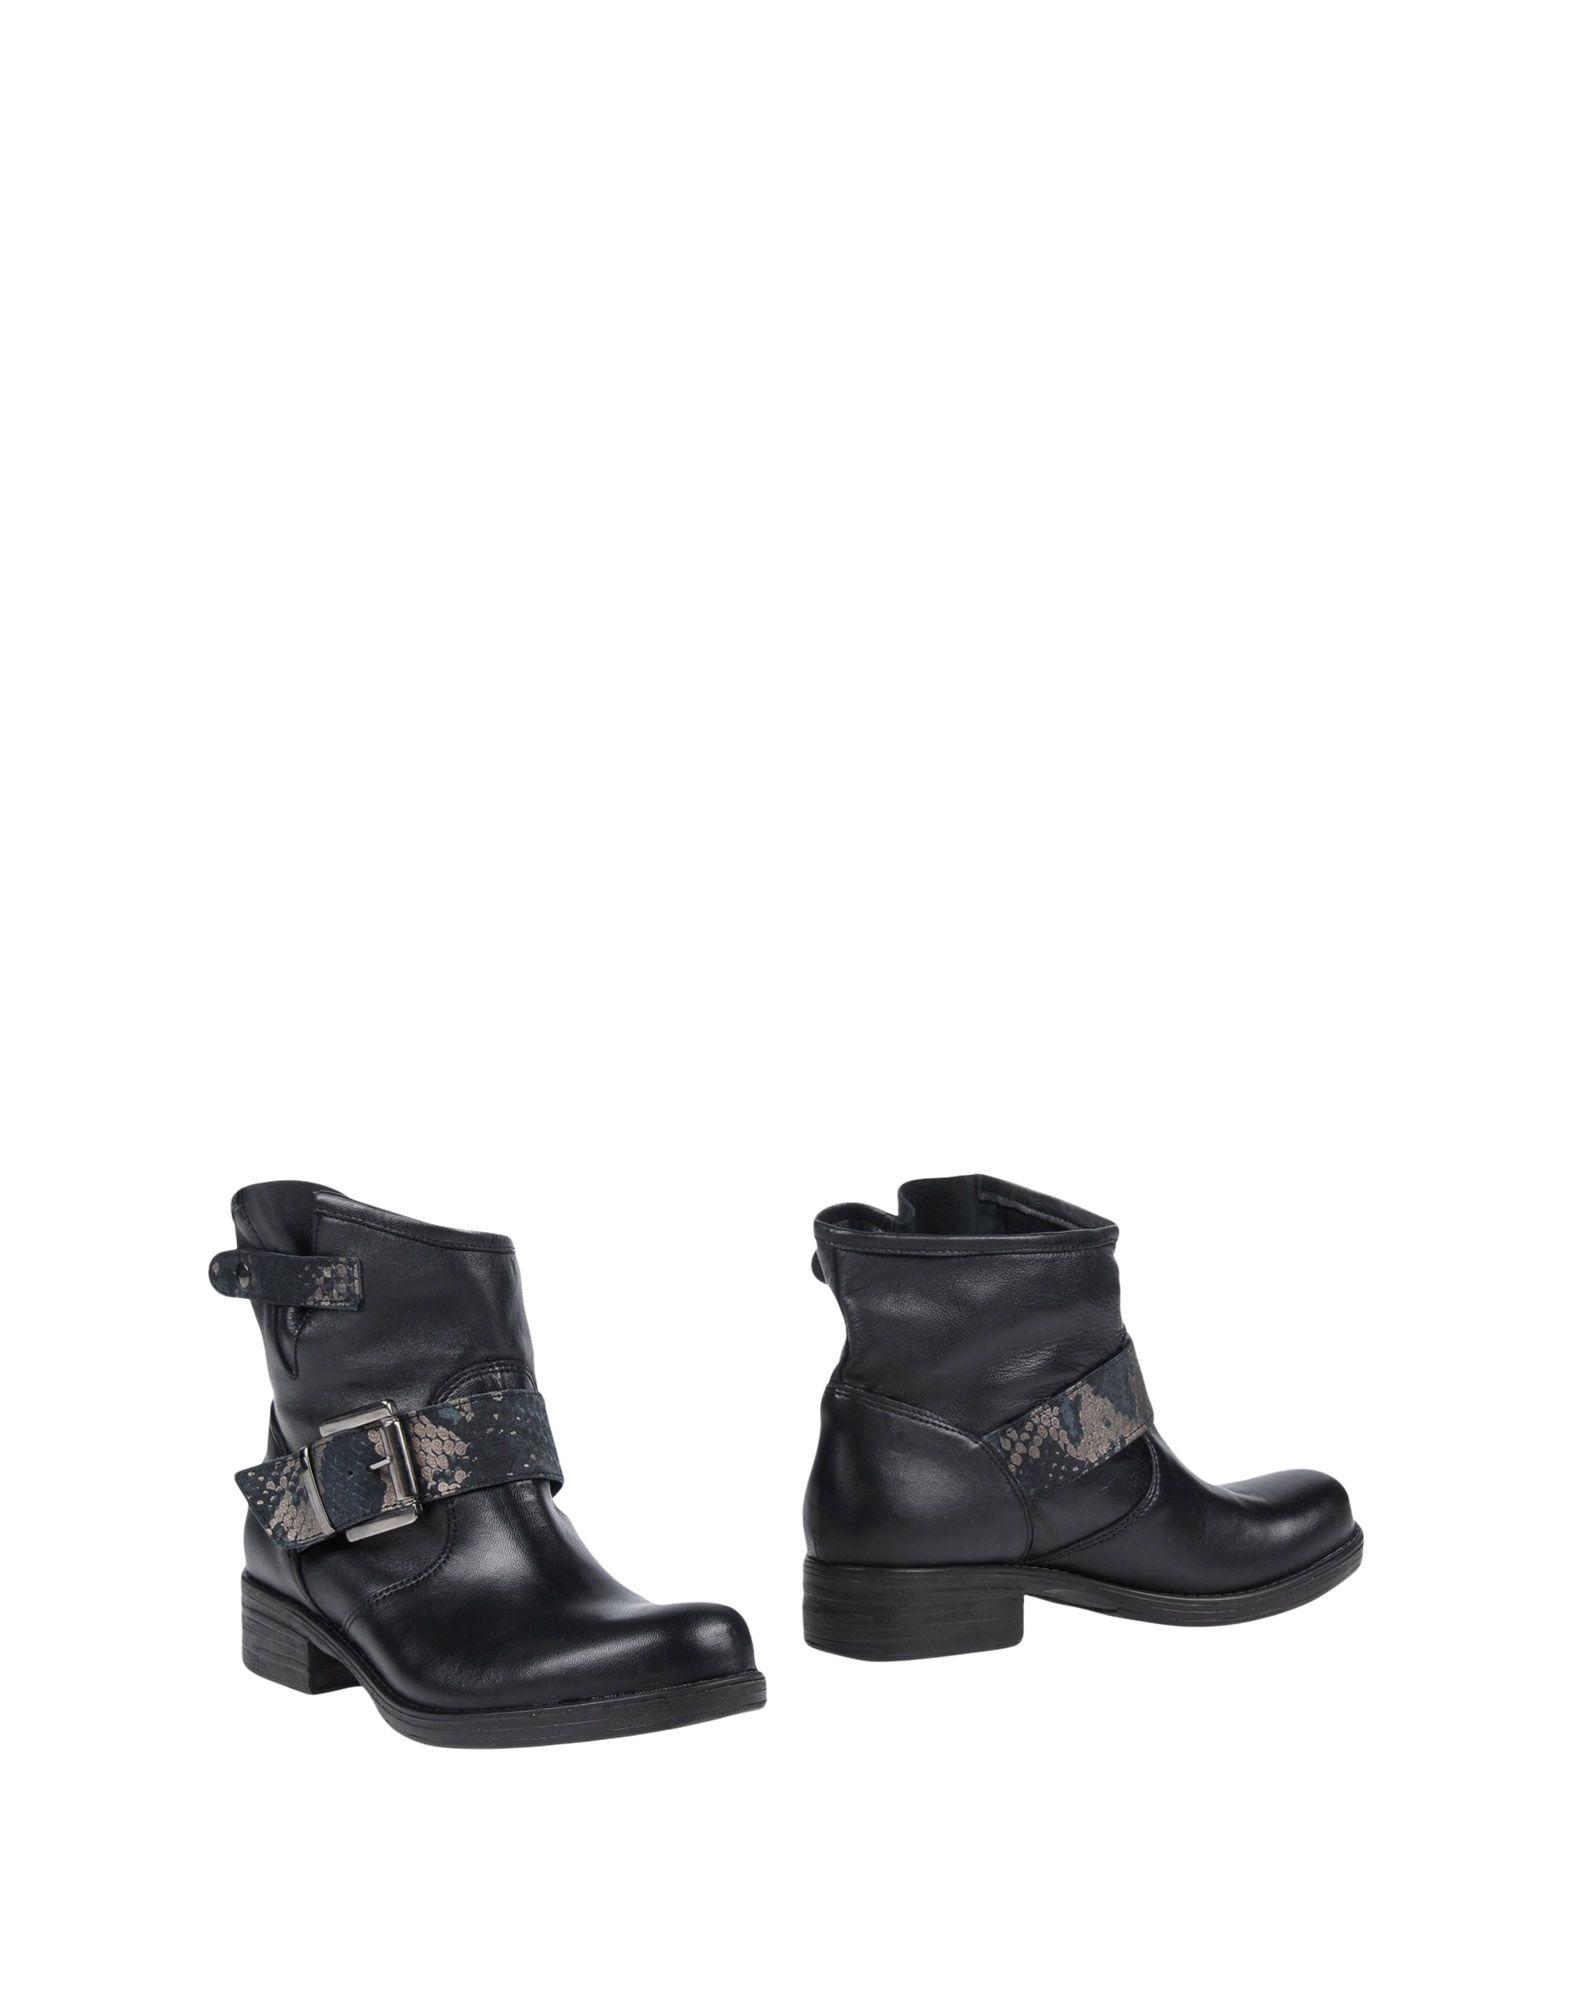 Tsd12 Gute Stiefelette Damen  11456371SP Gute Tsd12 Qualität beliebte Schuhe e2d7f7